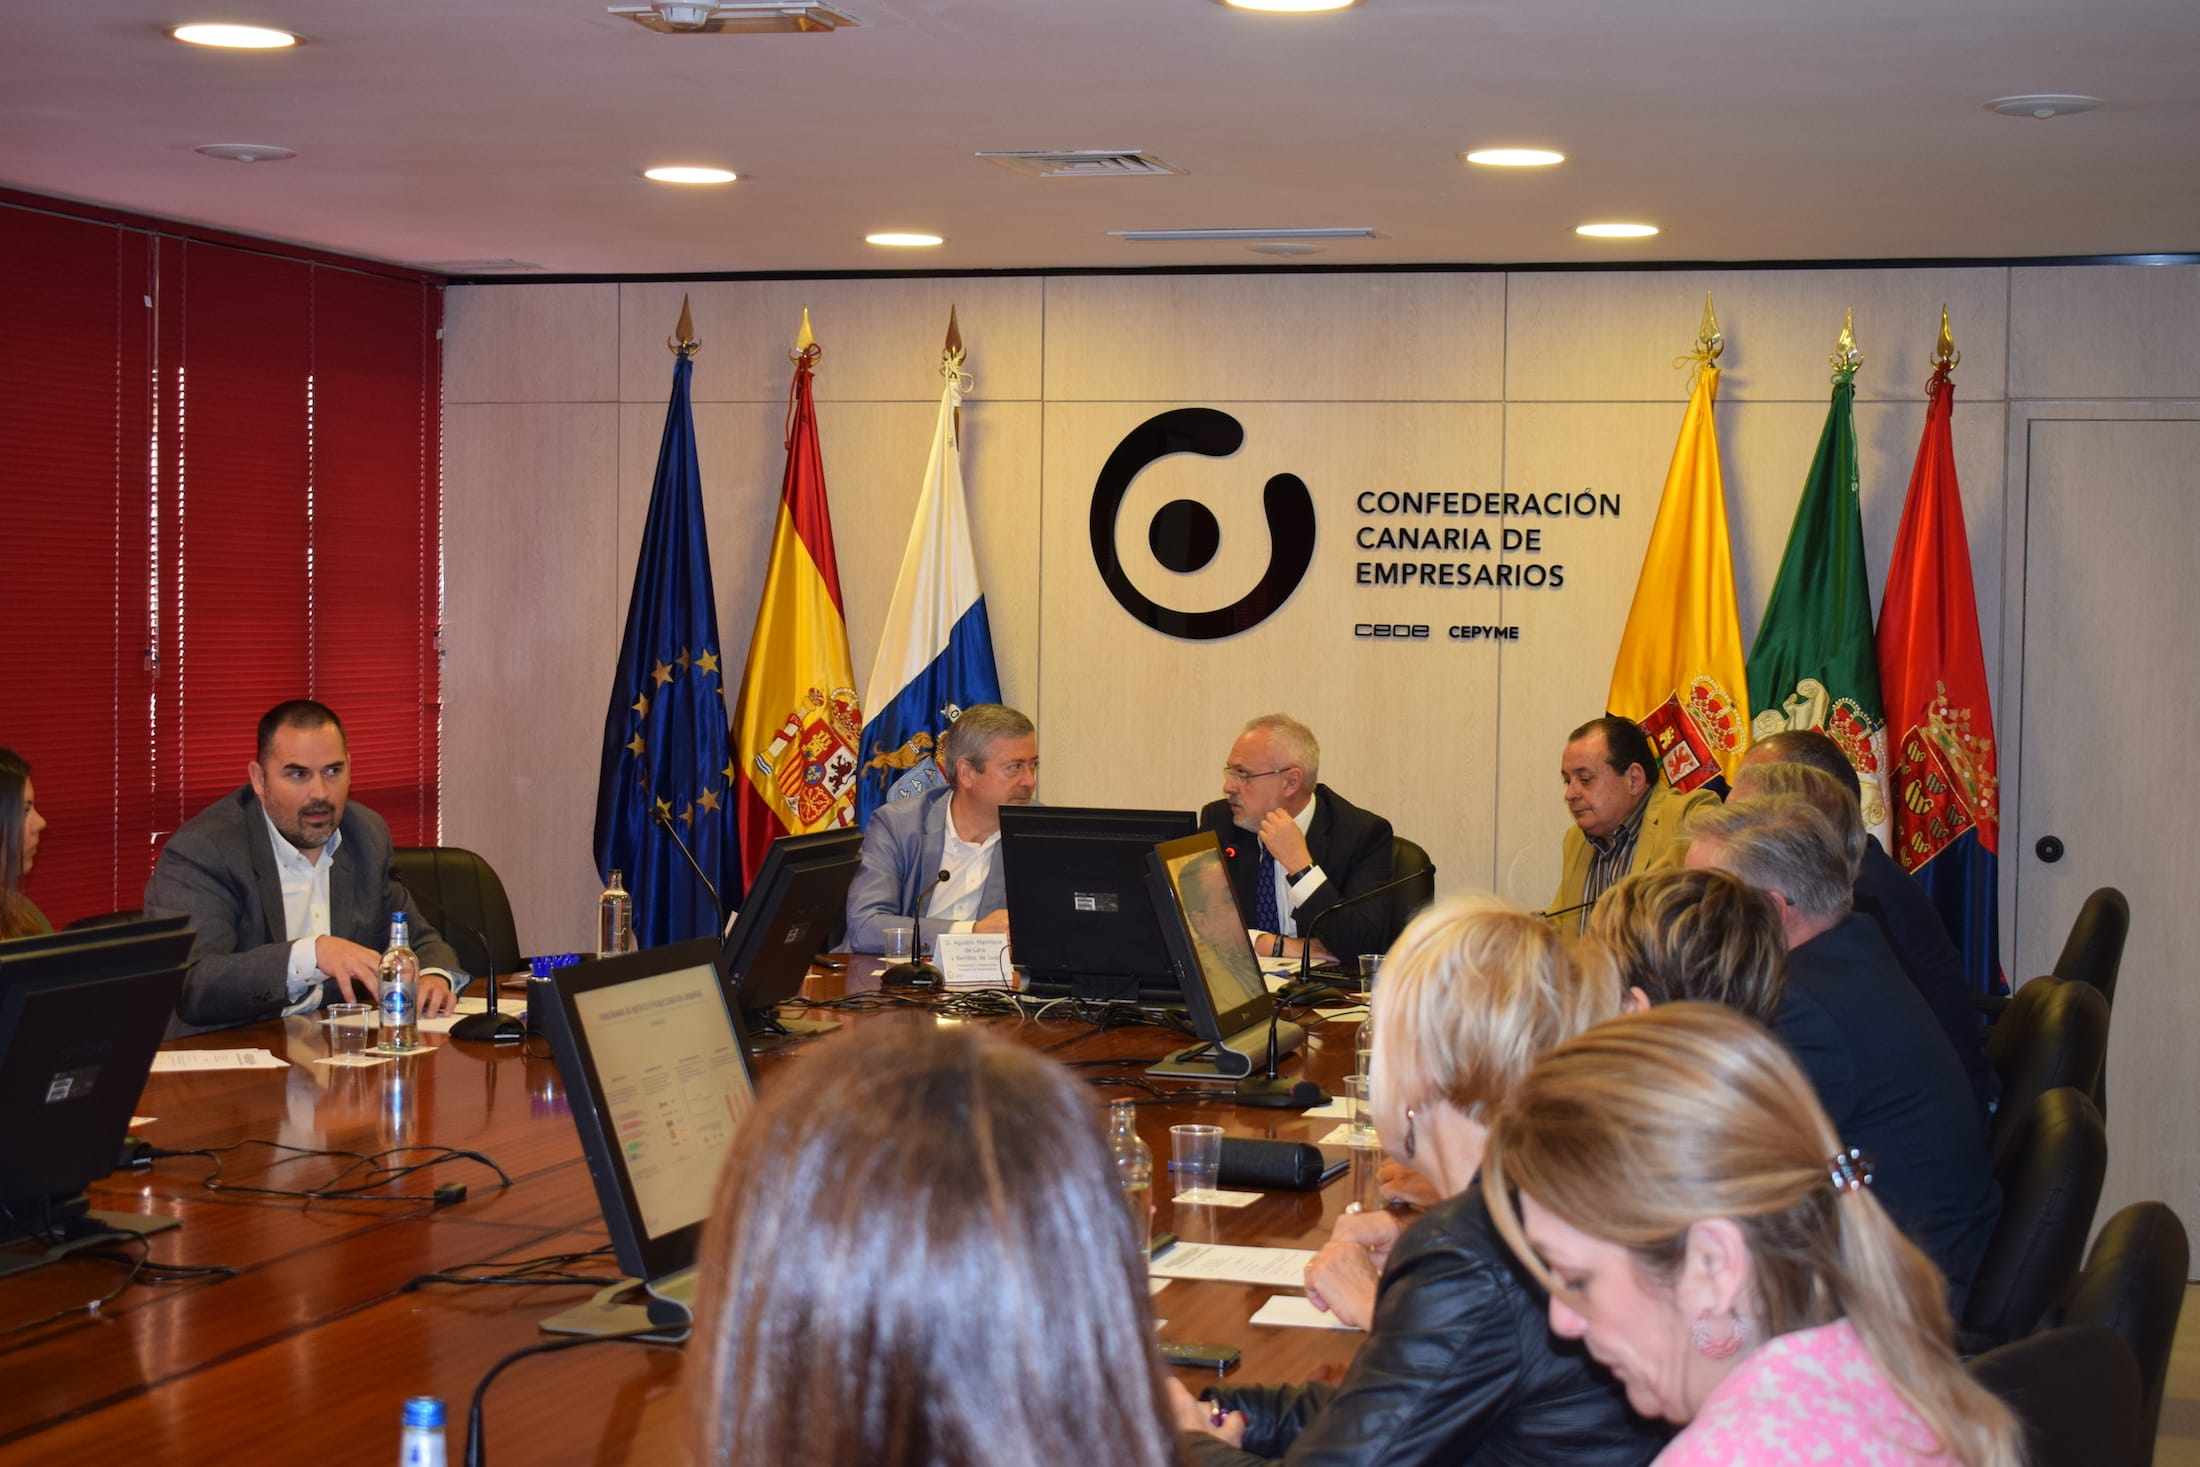 22gradosº presenta en la Confederación Canaria de Empresarios el informe Panorama de medios y publicidad en Canarias 2013-2017